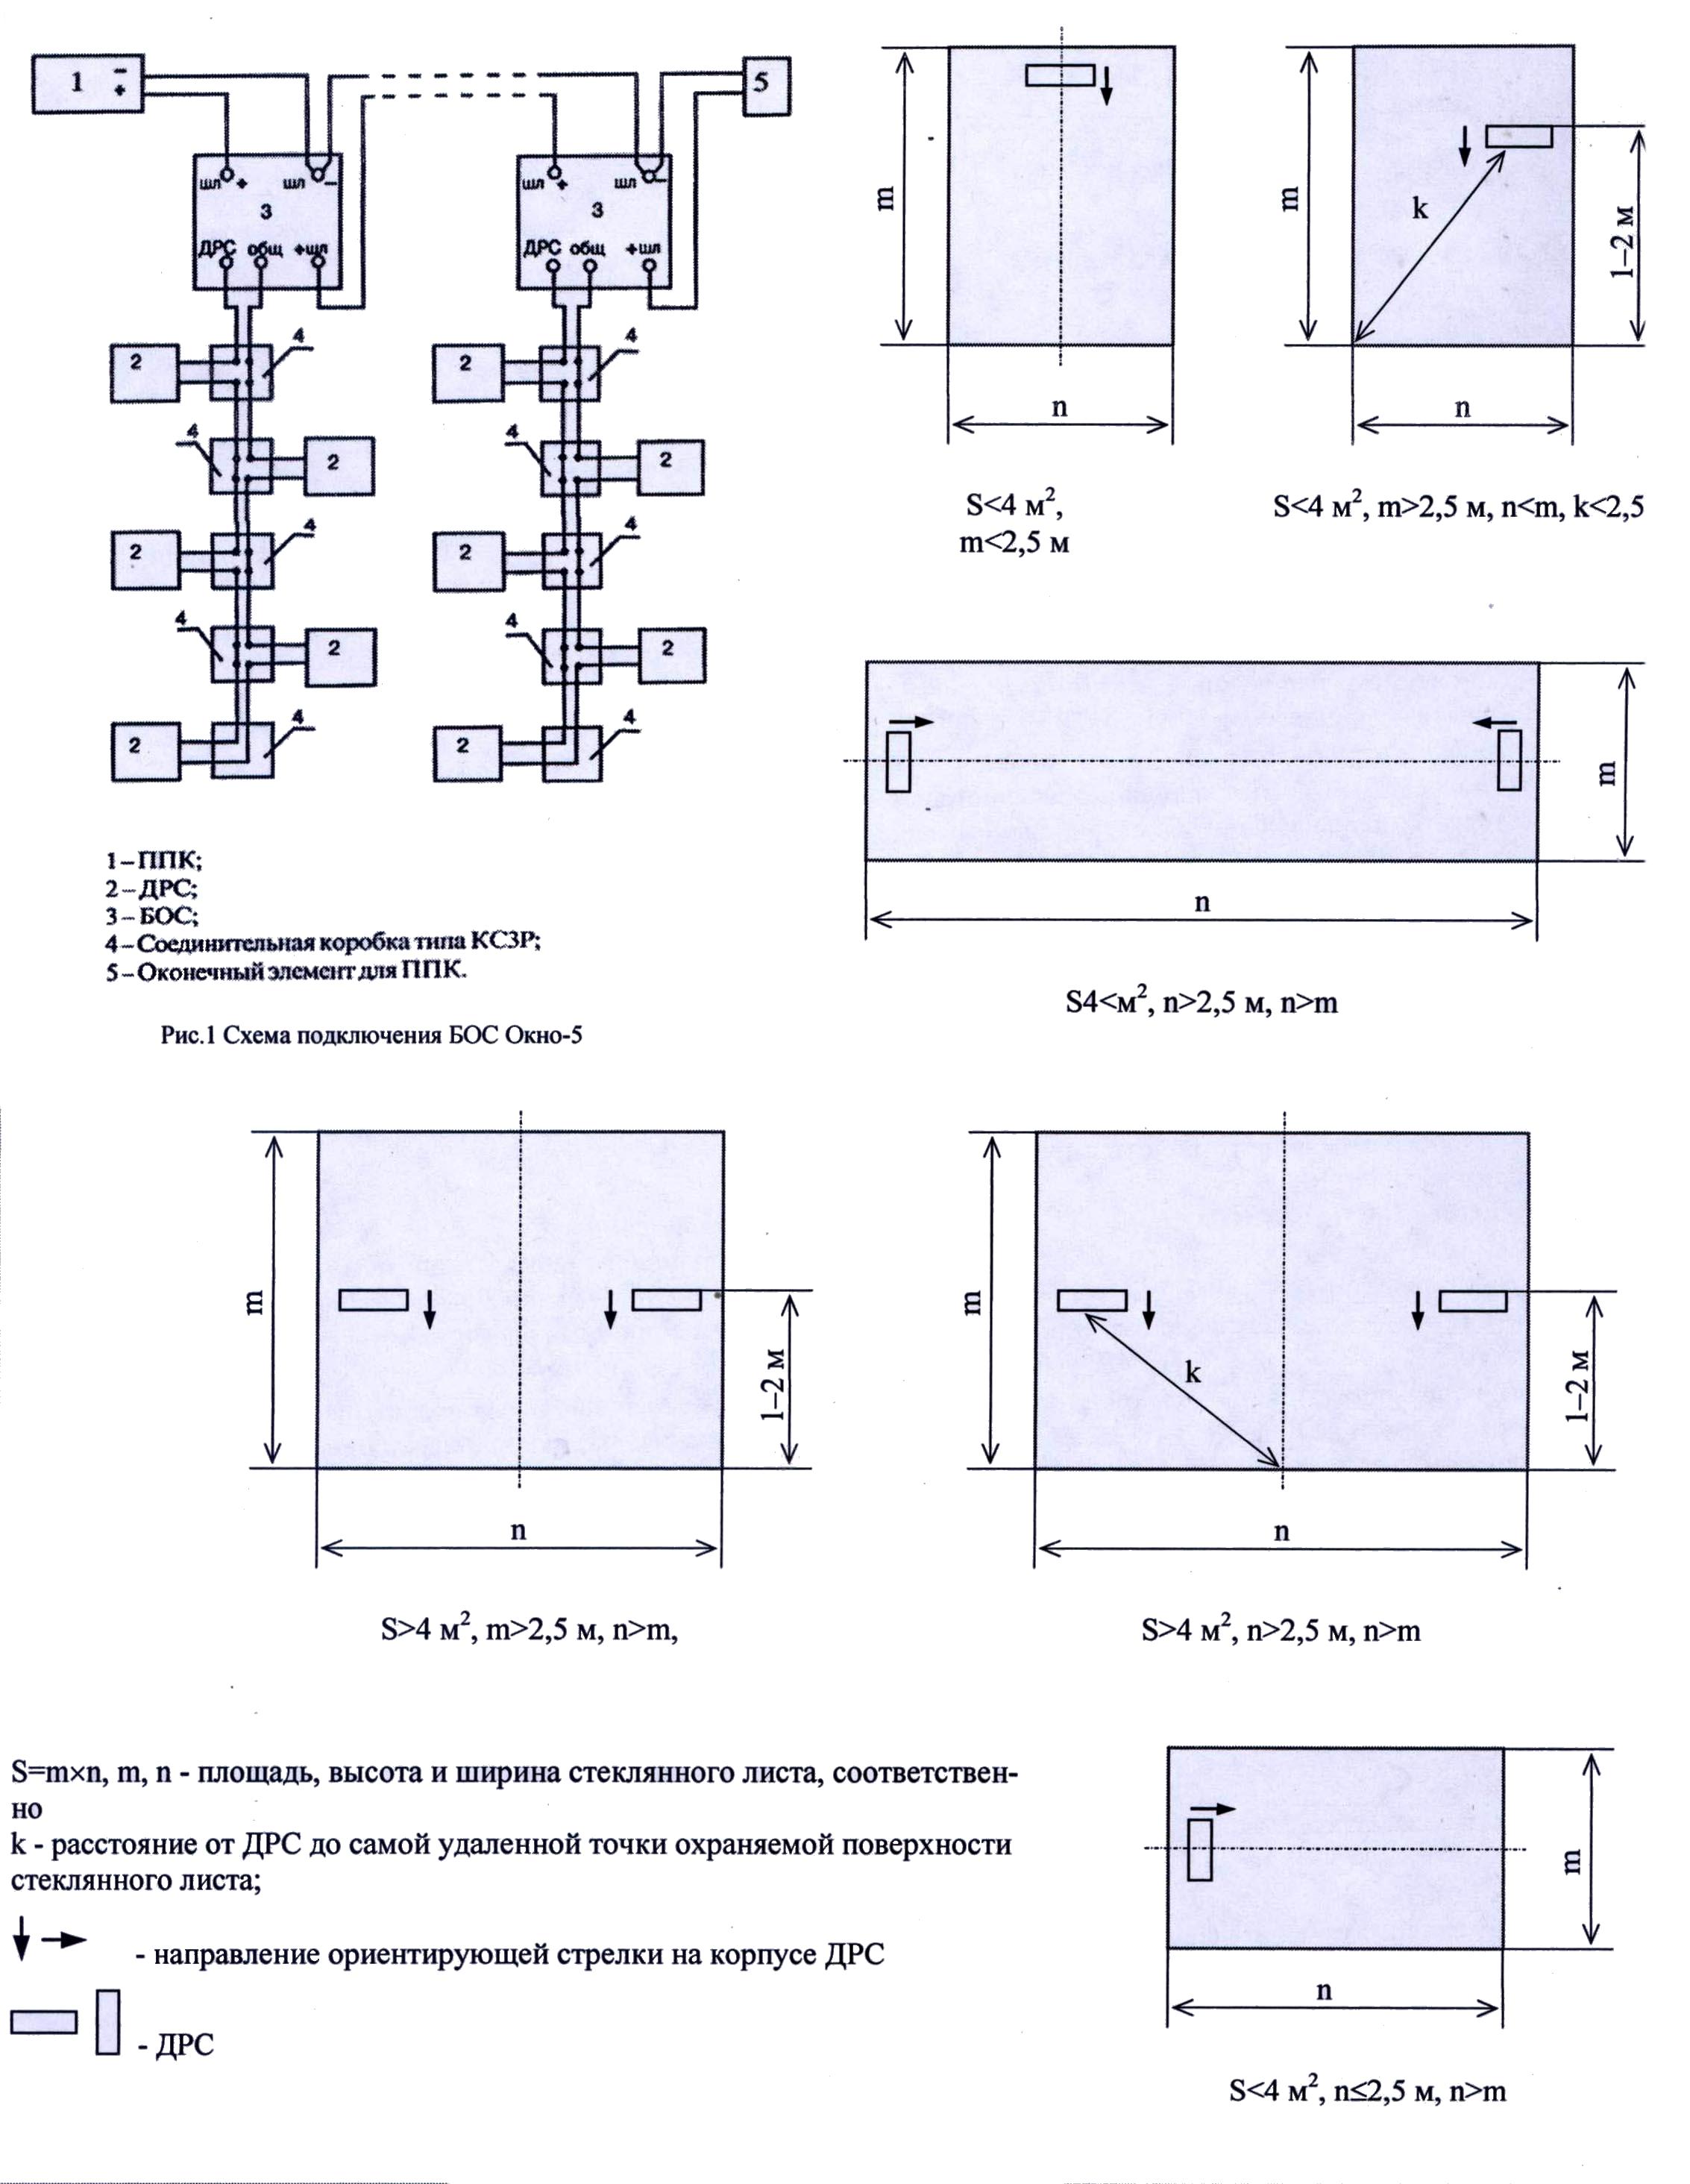 Извещатель охранный поверхностный ударноконтактный ИО 303-4 ОКНО–5